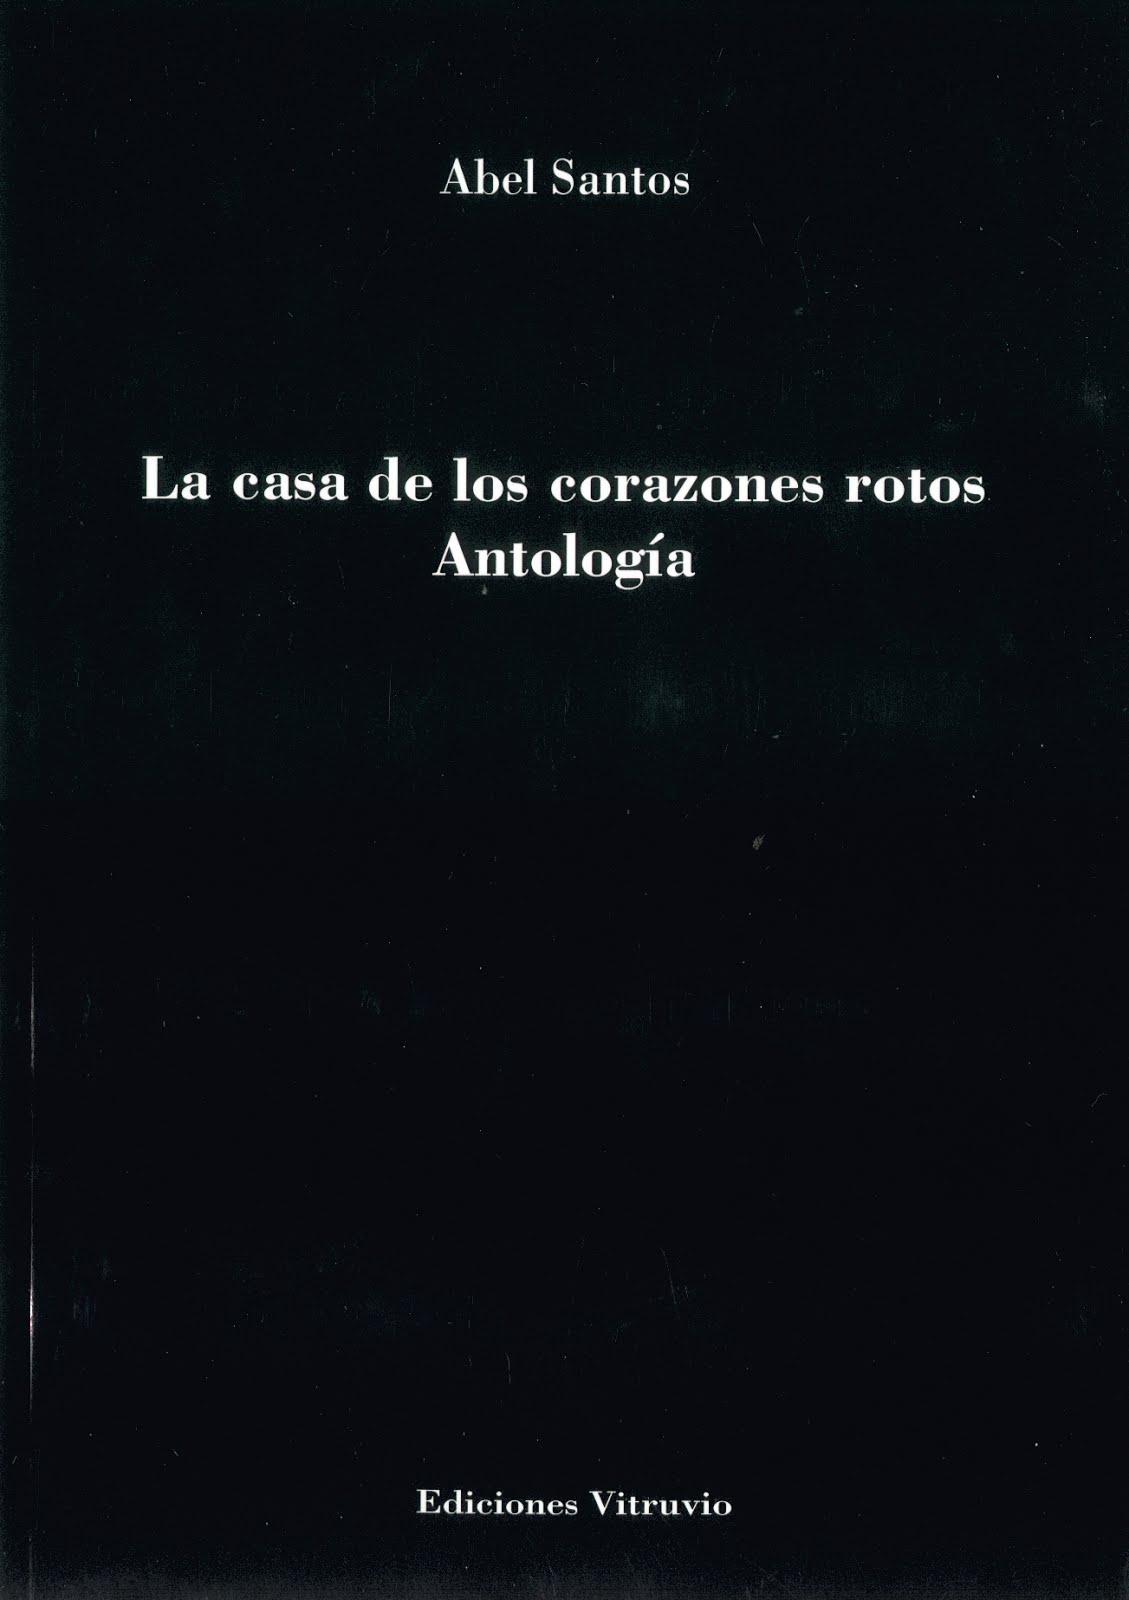 LA CASA DE LOS CORAZONES ROTOS